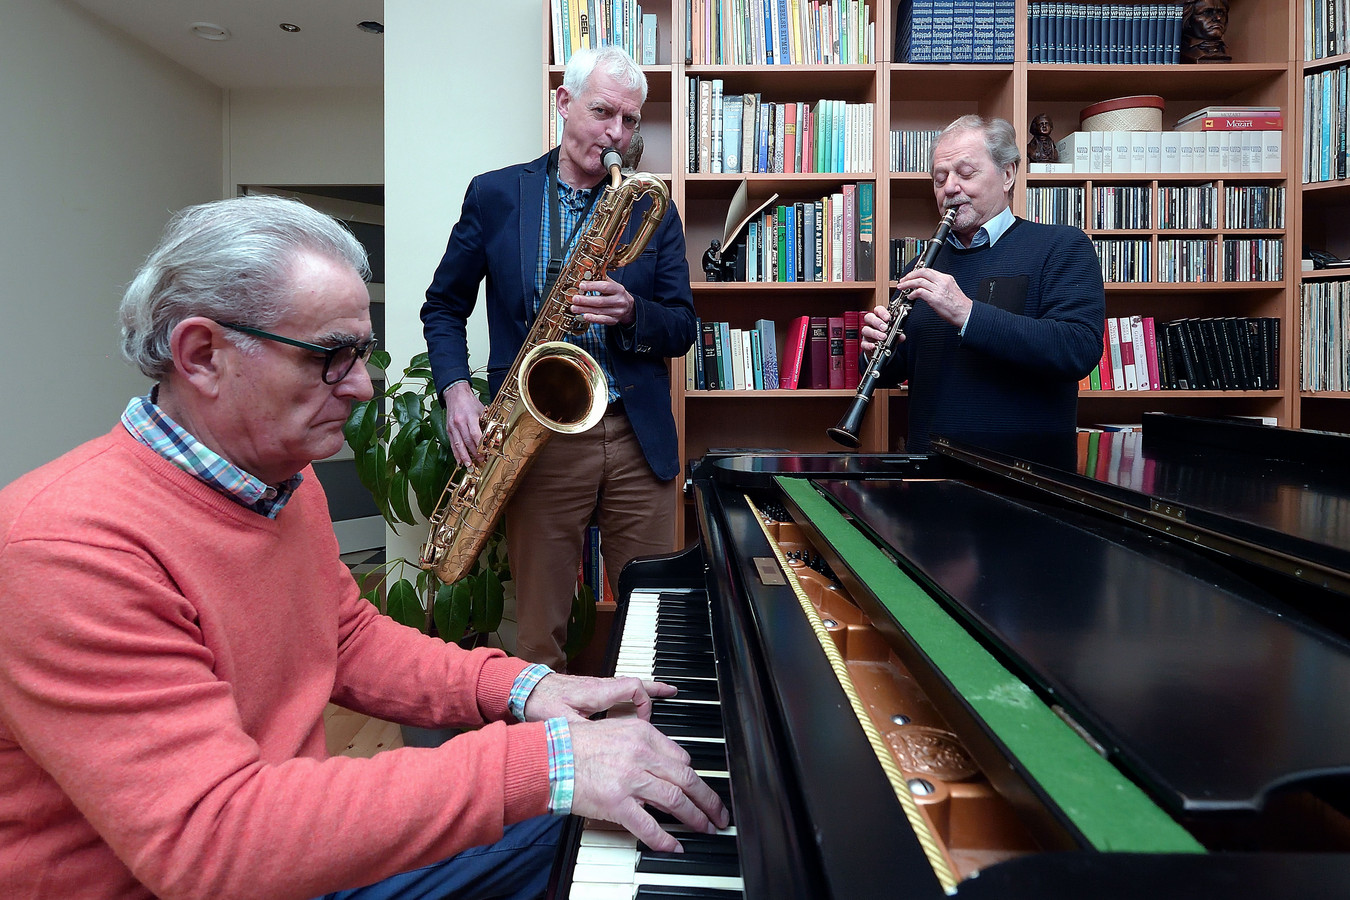 Vlnr Hans Adams, Ton van de Geijn en Frans van Haren, samen Jazz750.